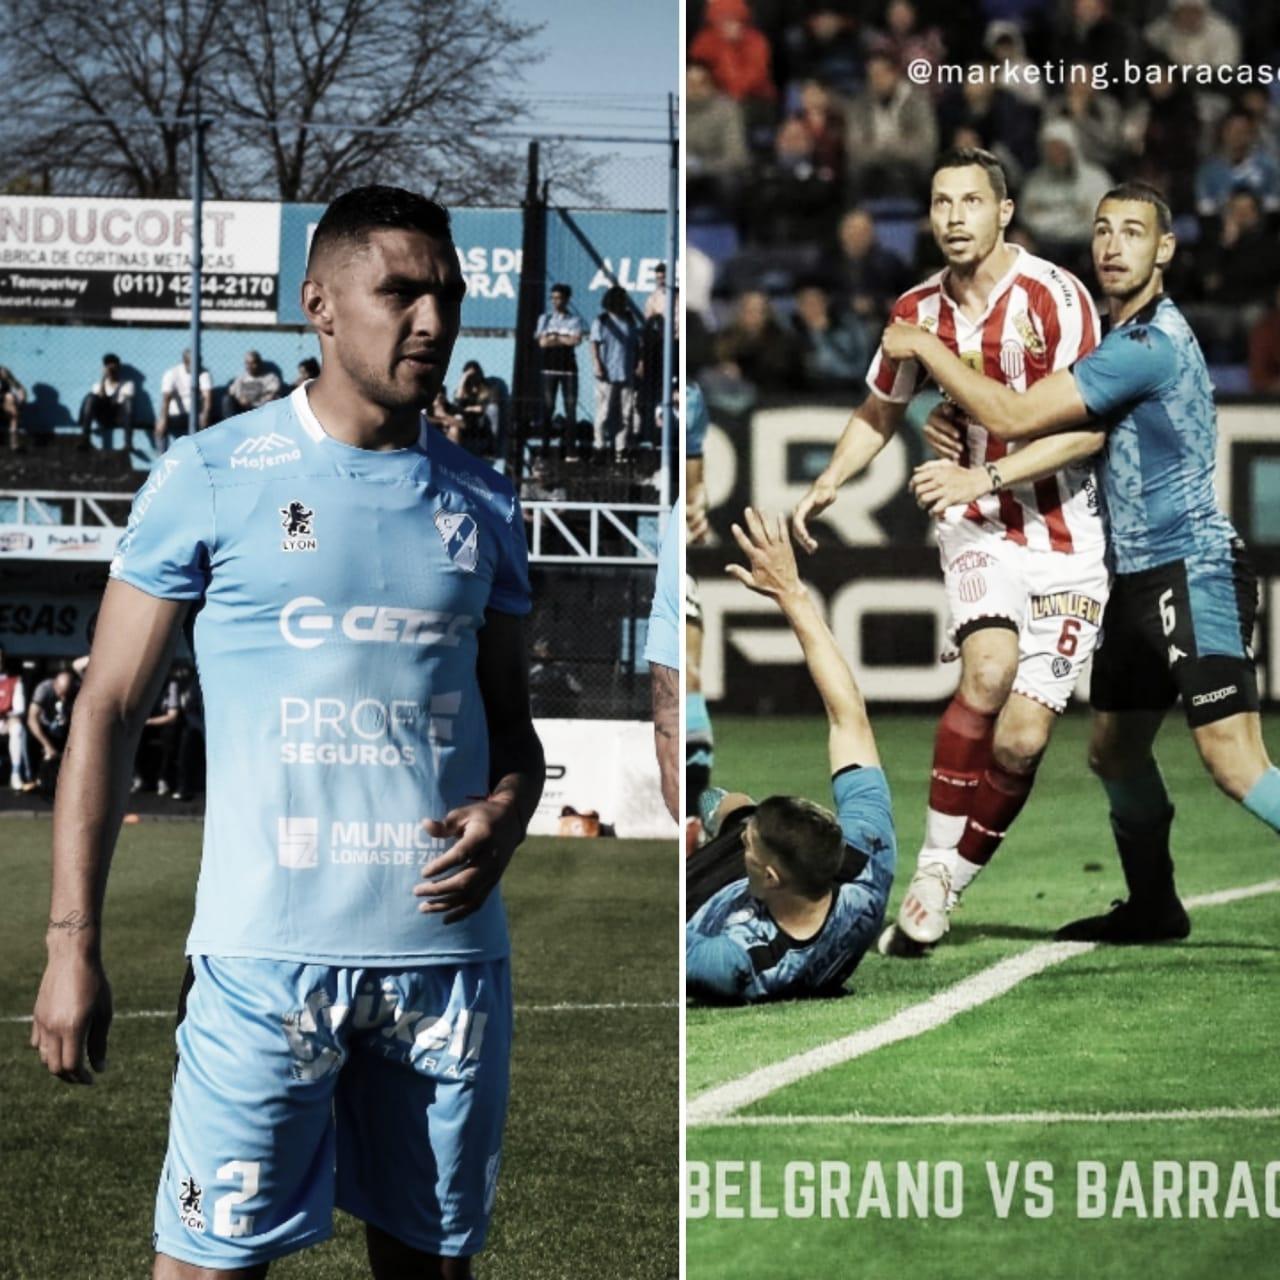 Cara a cara: Gastón Bojanich vs. Fernando Alarcón